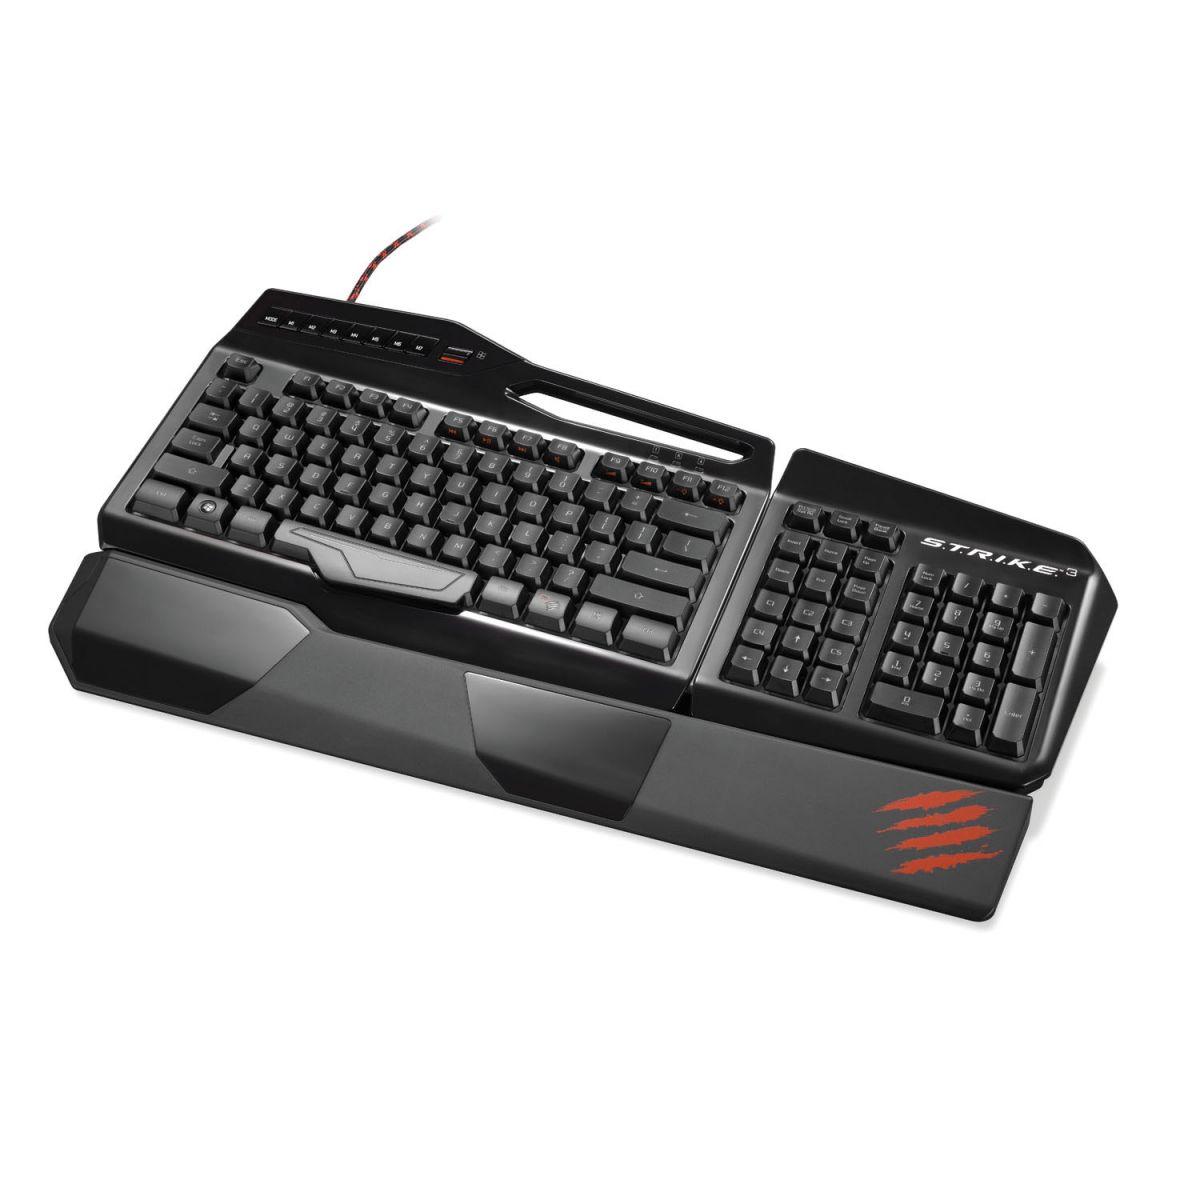 Teclado Gaming S.T.R.I.K.E 3 Gloss Black MCB43112N0C2 - Mad Catz